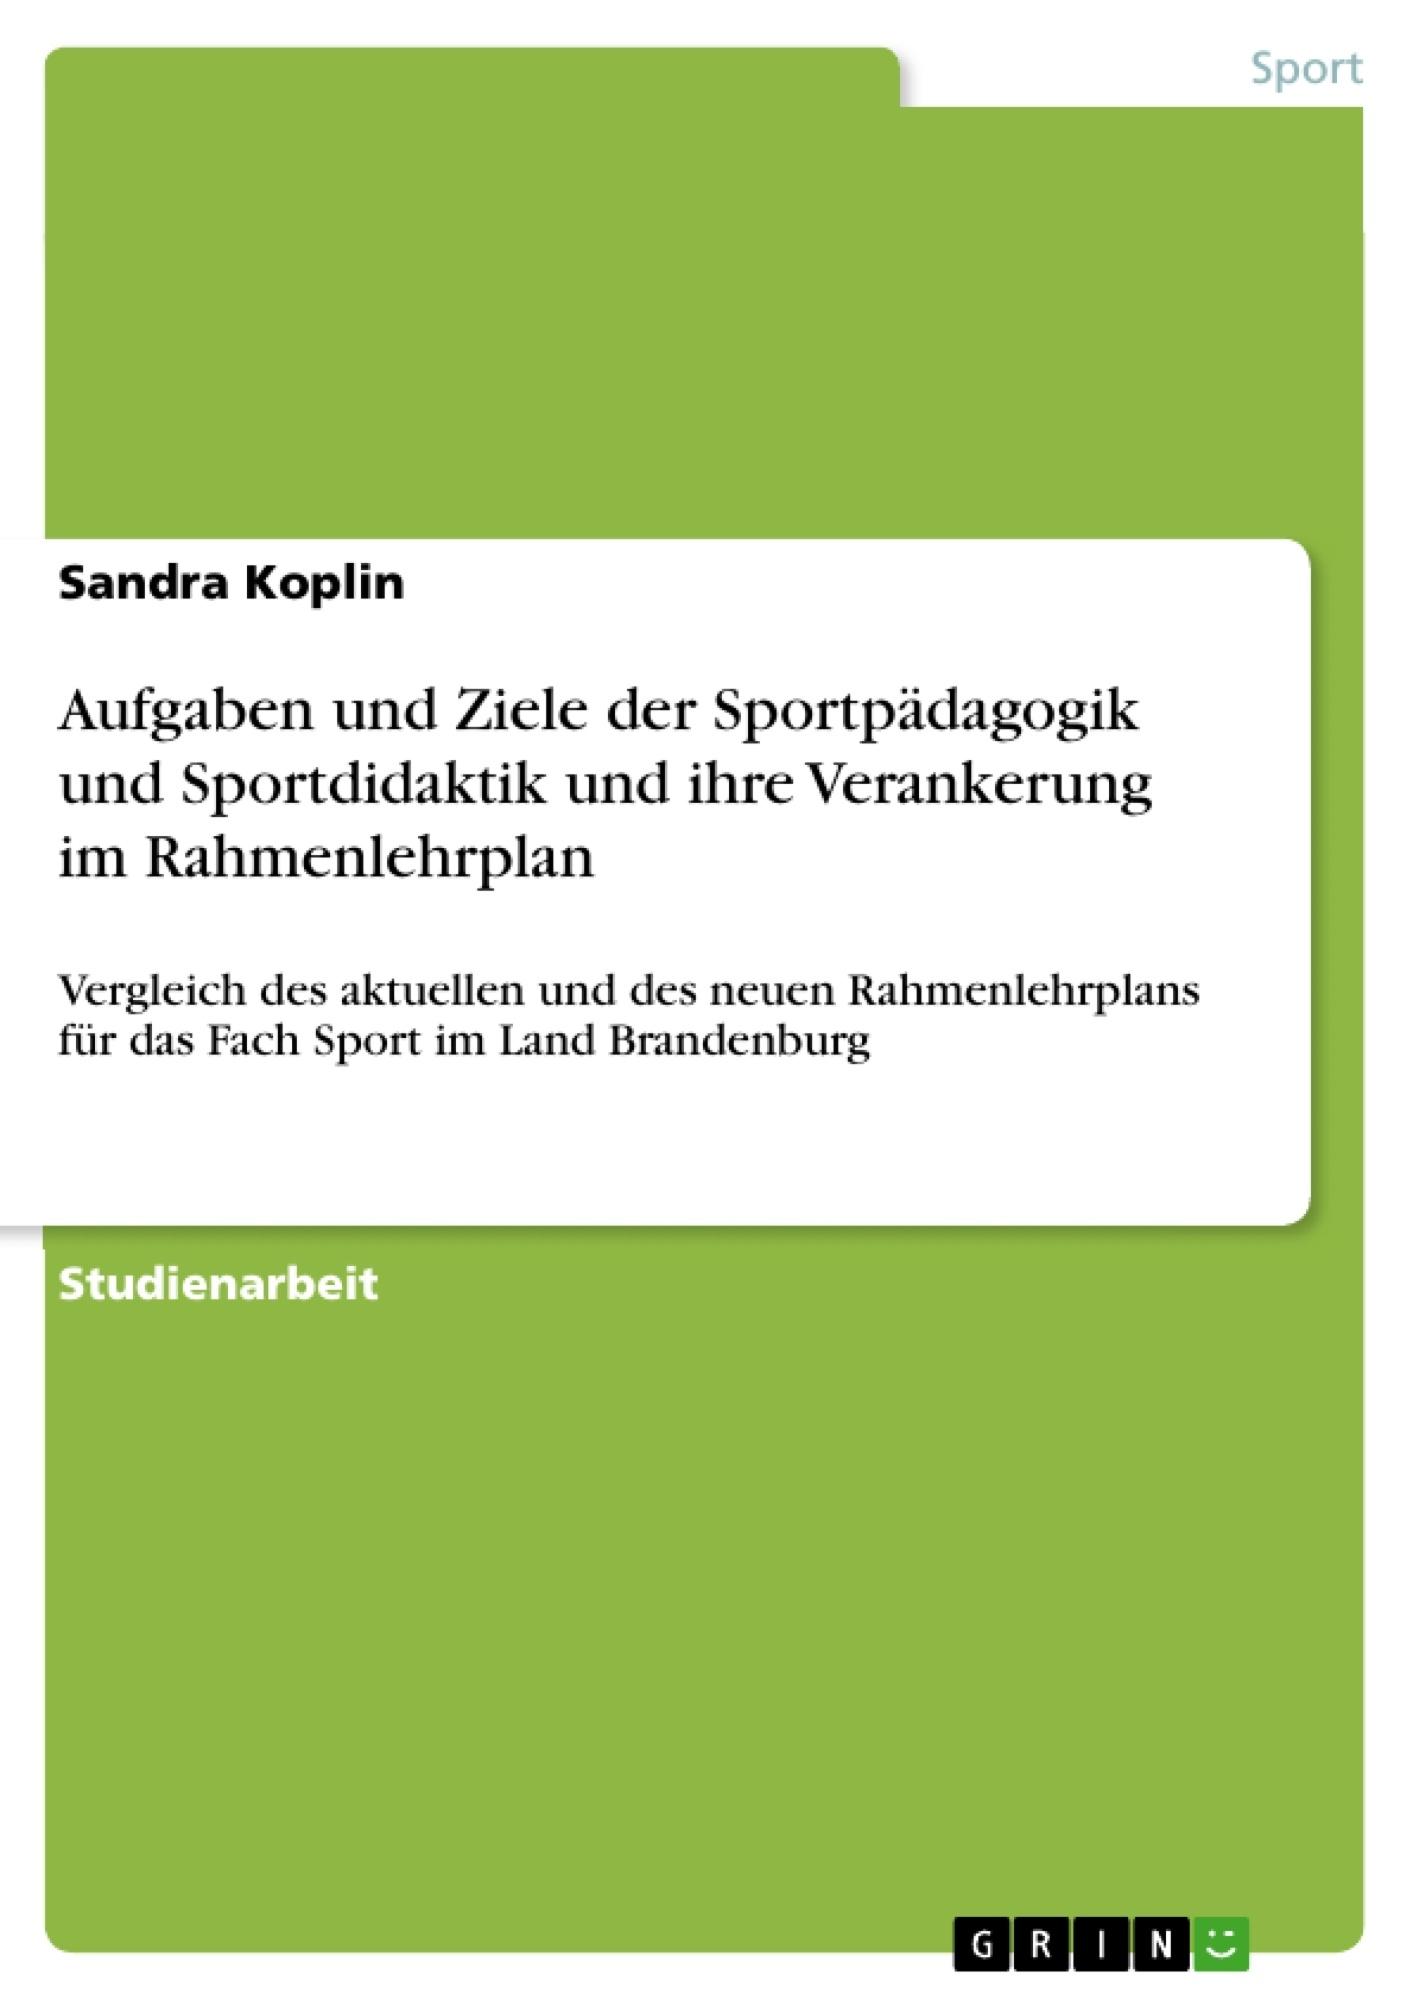 Titel: Aufgaben und Ziele der Sportpädagogik und Sportdidaktik und ihre Verankerung im Rahmenlehrplan